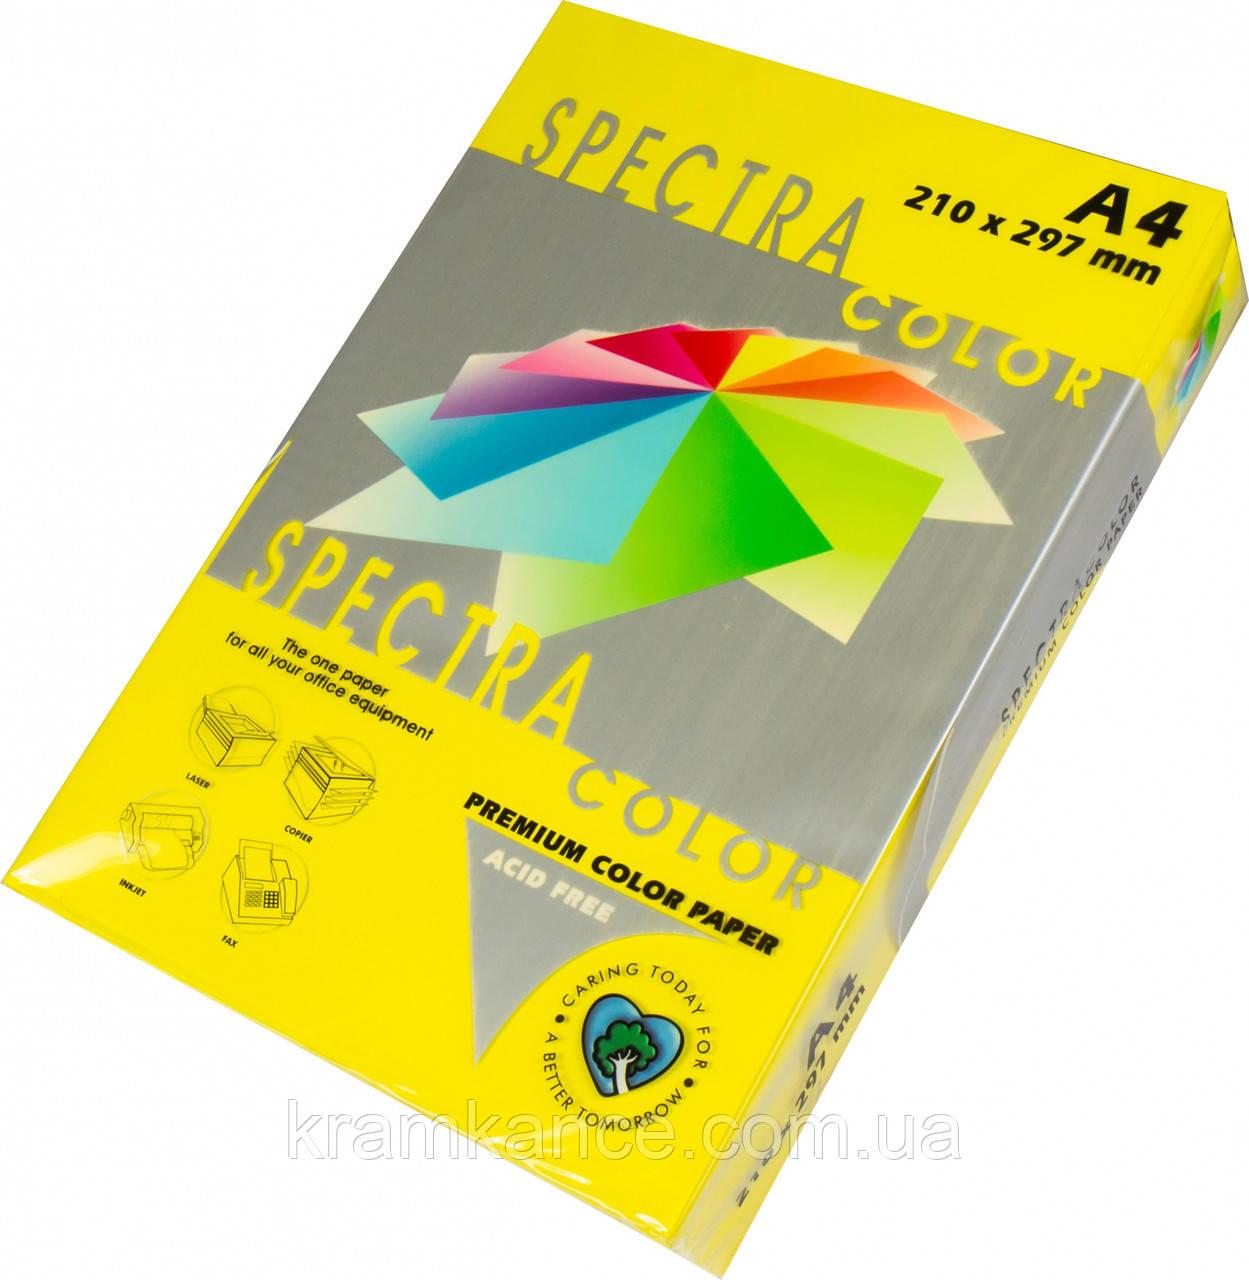 Бумага А4 80г/м2 цветная Spectra Color, Lemon 210